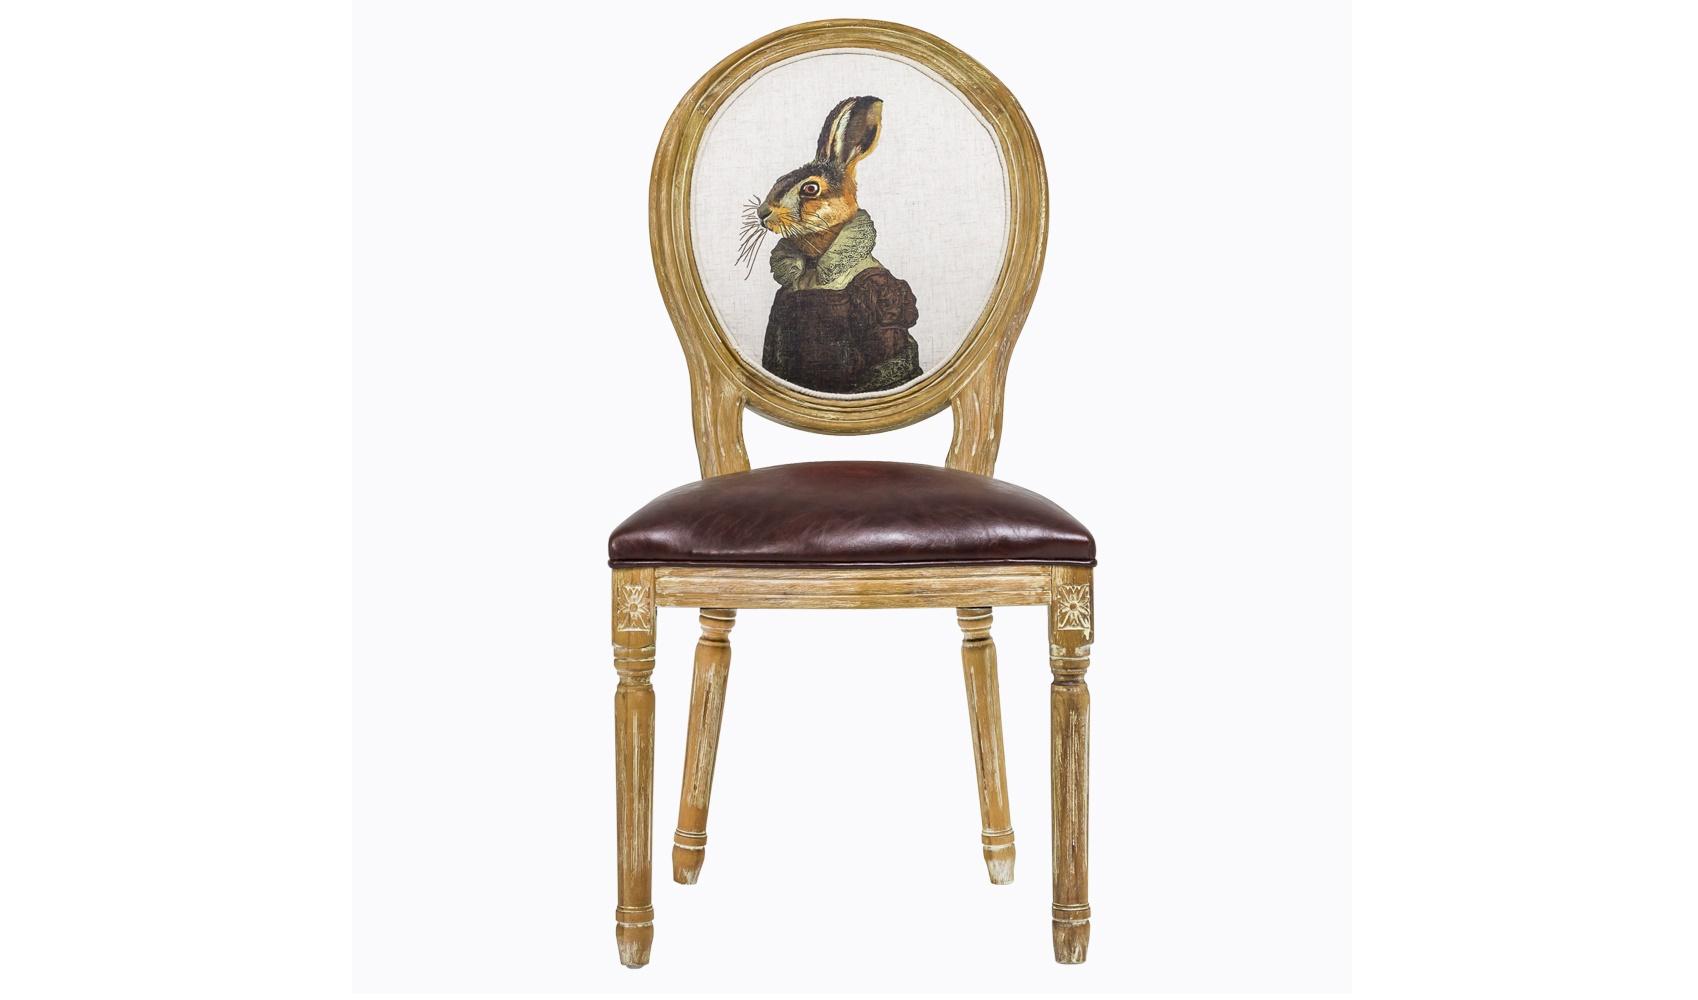 Стул «Мисс Зайка»Обеденные стулья<br>&amp;lt;div&amp;gt;Это не стул. Это ядреная смесь романтичного винтажа, французской роскоши и поп-арта. В центре внимания – овальная спинка-медальон с изображением экстравагантной зайки в старинном бальном платье. Ножки и основание стула выточены из цельной древесины и вручную покрыты филигранной резьбой, а для пущего эффекта – искусственно состарены и выбелены. Тканевая обивка пропитана специальным составом, который не только повышает прочность и долговечность материи, но и делает ее стойкой к загрязнениям. Обивка сиденья – эко-кожа. Вес – 7 кг.&amp;lt;/div&amp;gt;<br><br>Material: Кожа<br>Ширина см: 57<br>Высота см: 98